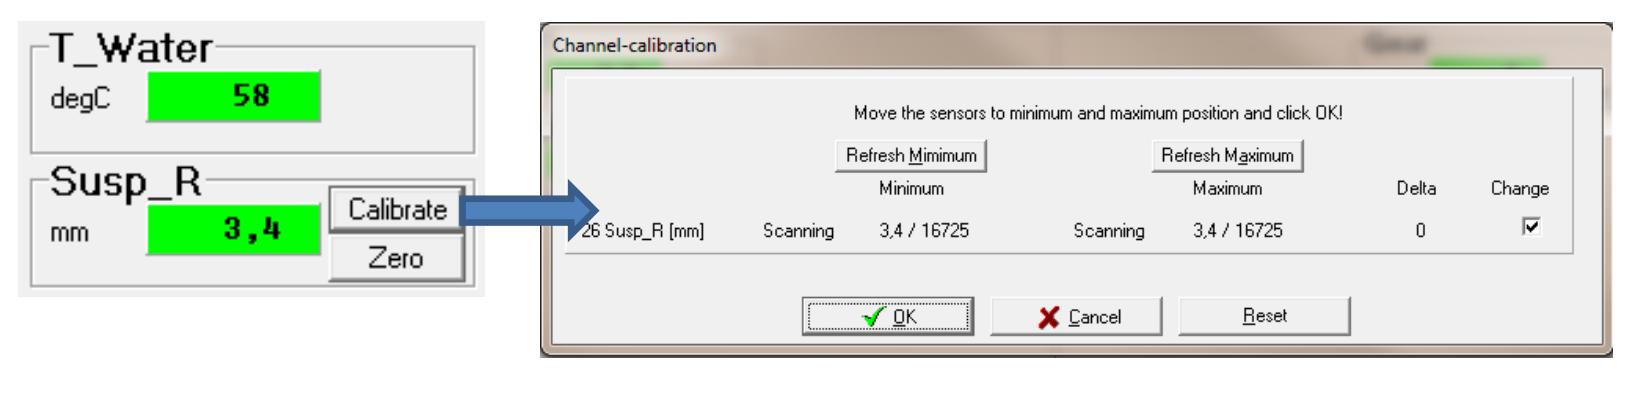 calibrate channel